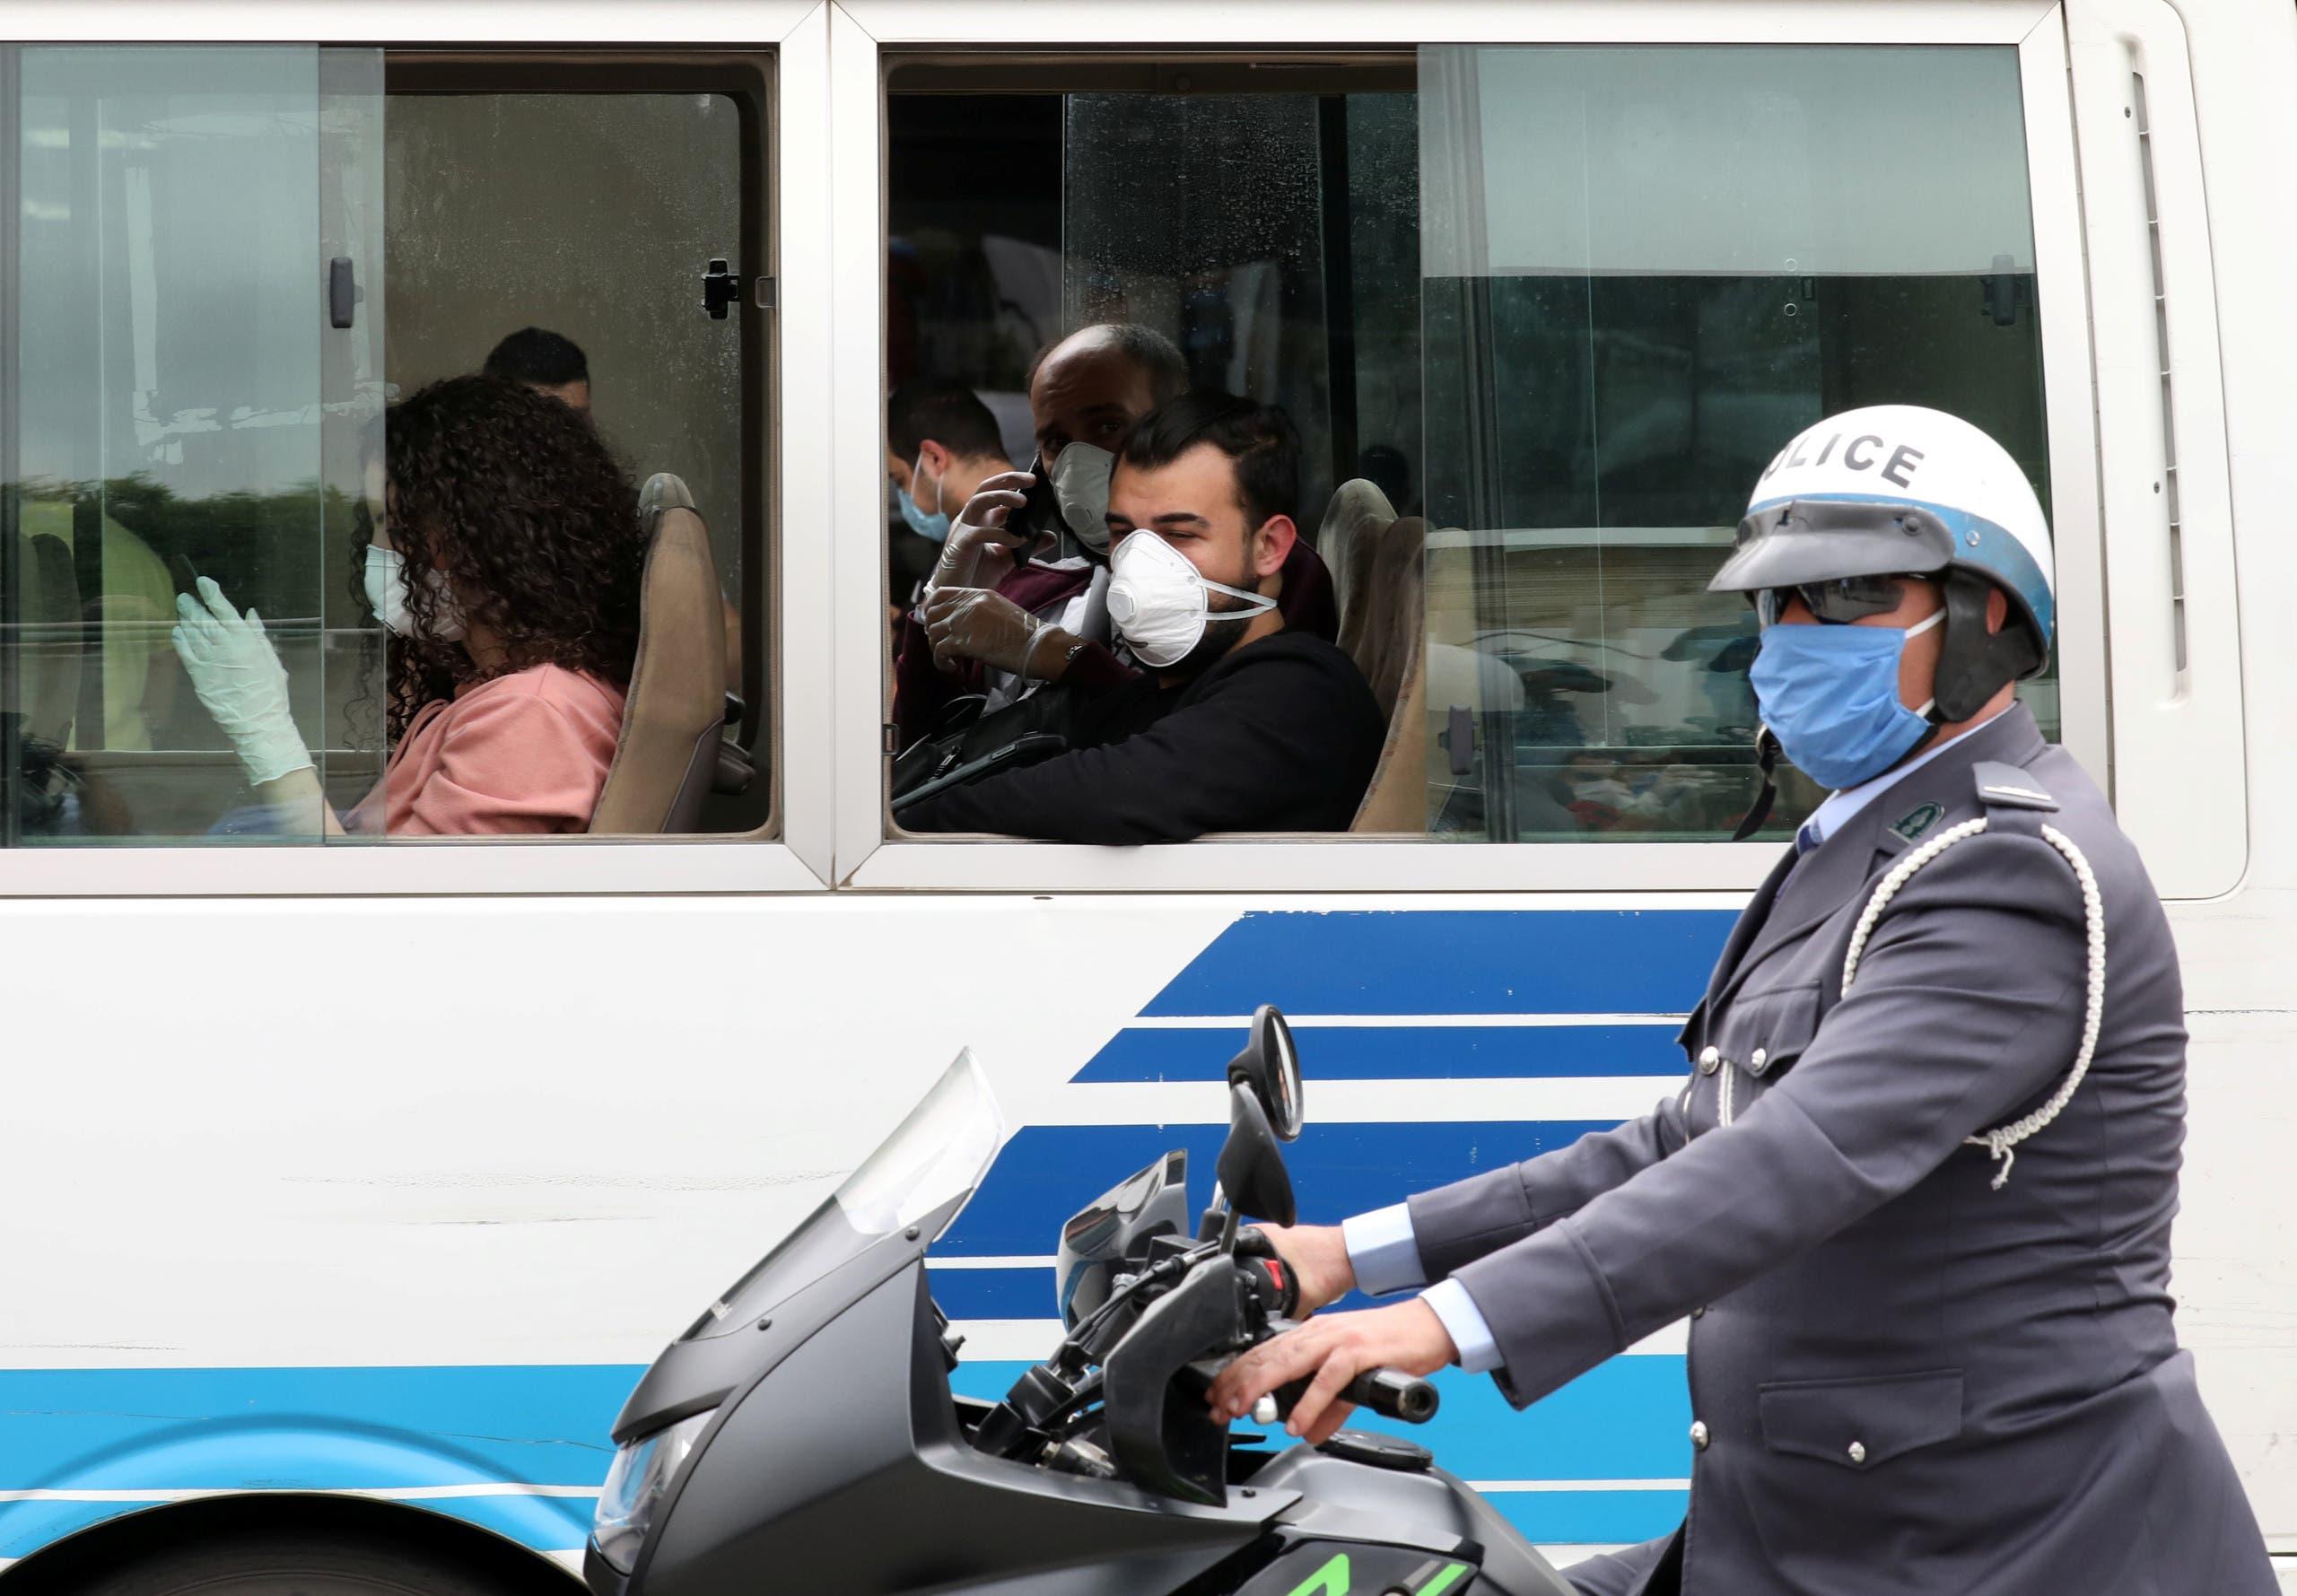 مسافرون داخل الحافلة التي تقلهم إلى فنادق الحجر